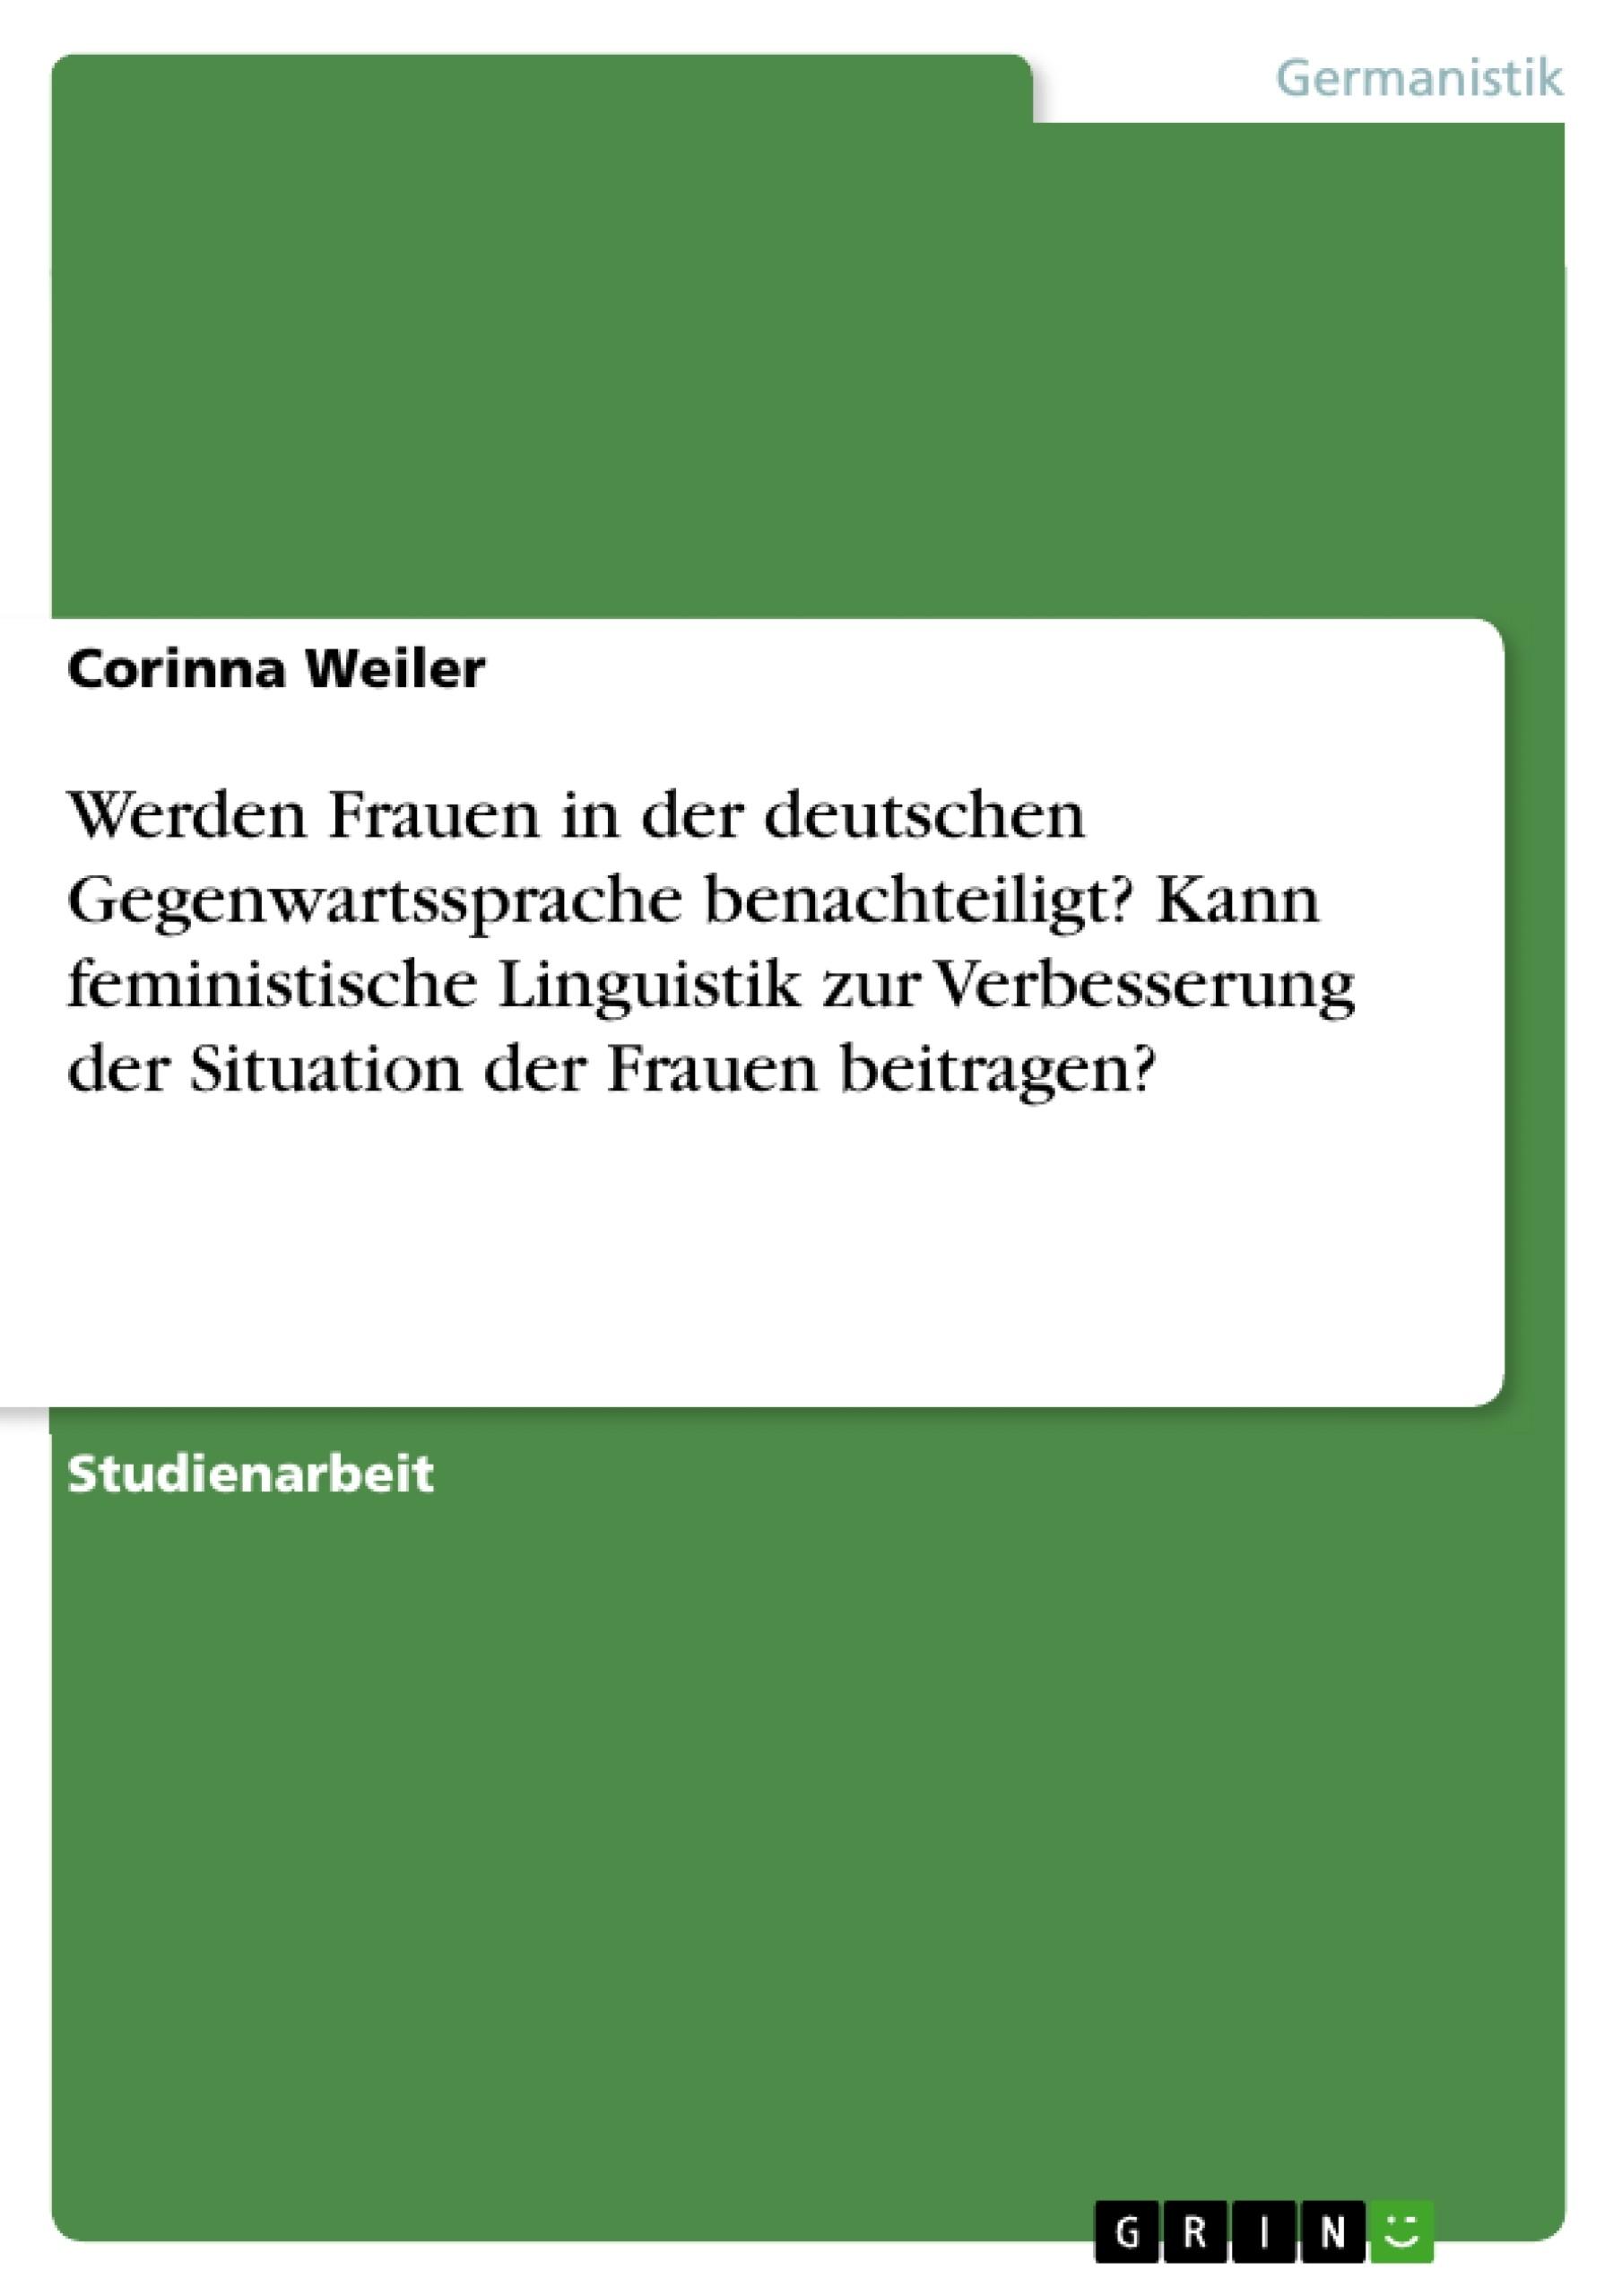 Titel: Werden Frauen in der deutschen Gegenwartssprache benachteiligt? Kann feministische Linguistik zur Verbesserung der Situation der Frauen beitragen?